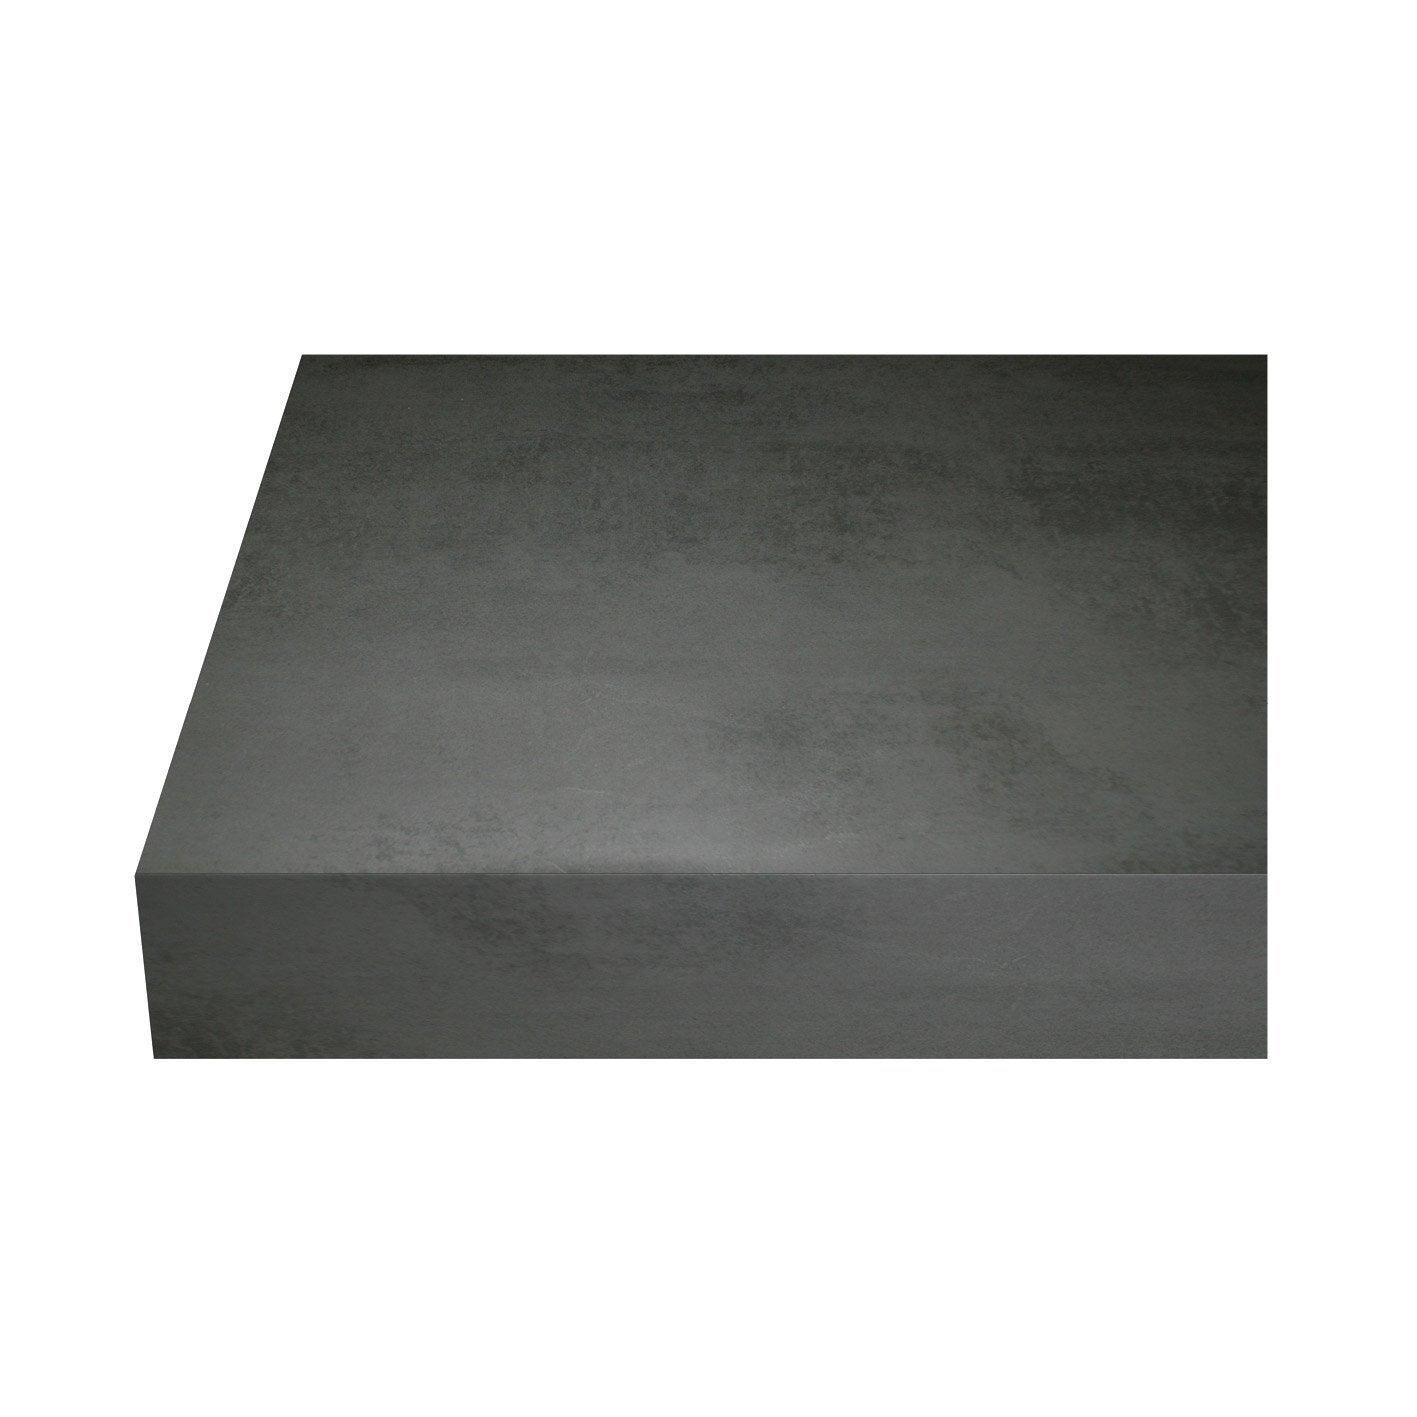 Plan de travail beton cir plan travail salle de bains - Beton cire sur plan de travail carrele ...